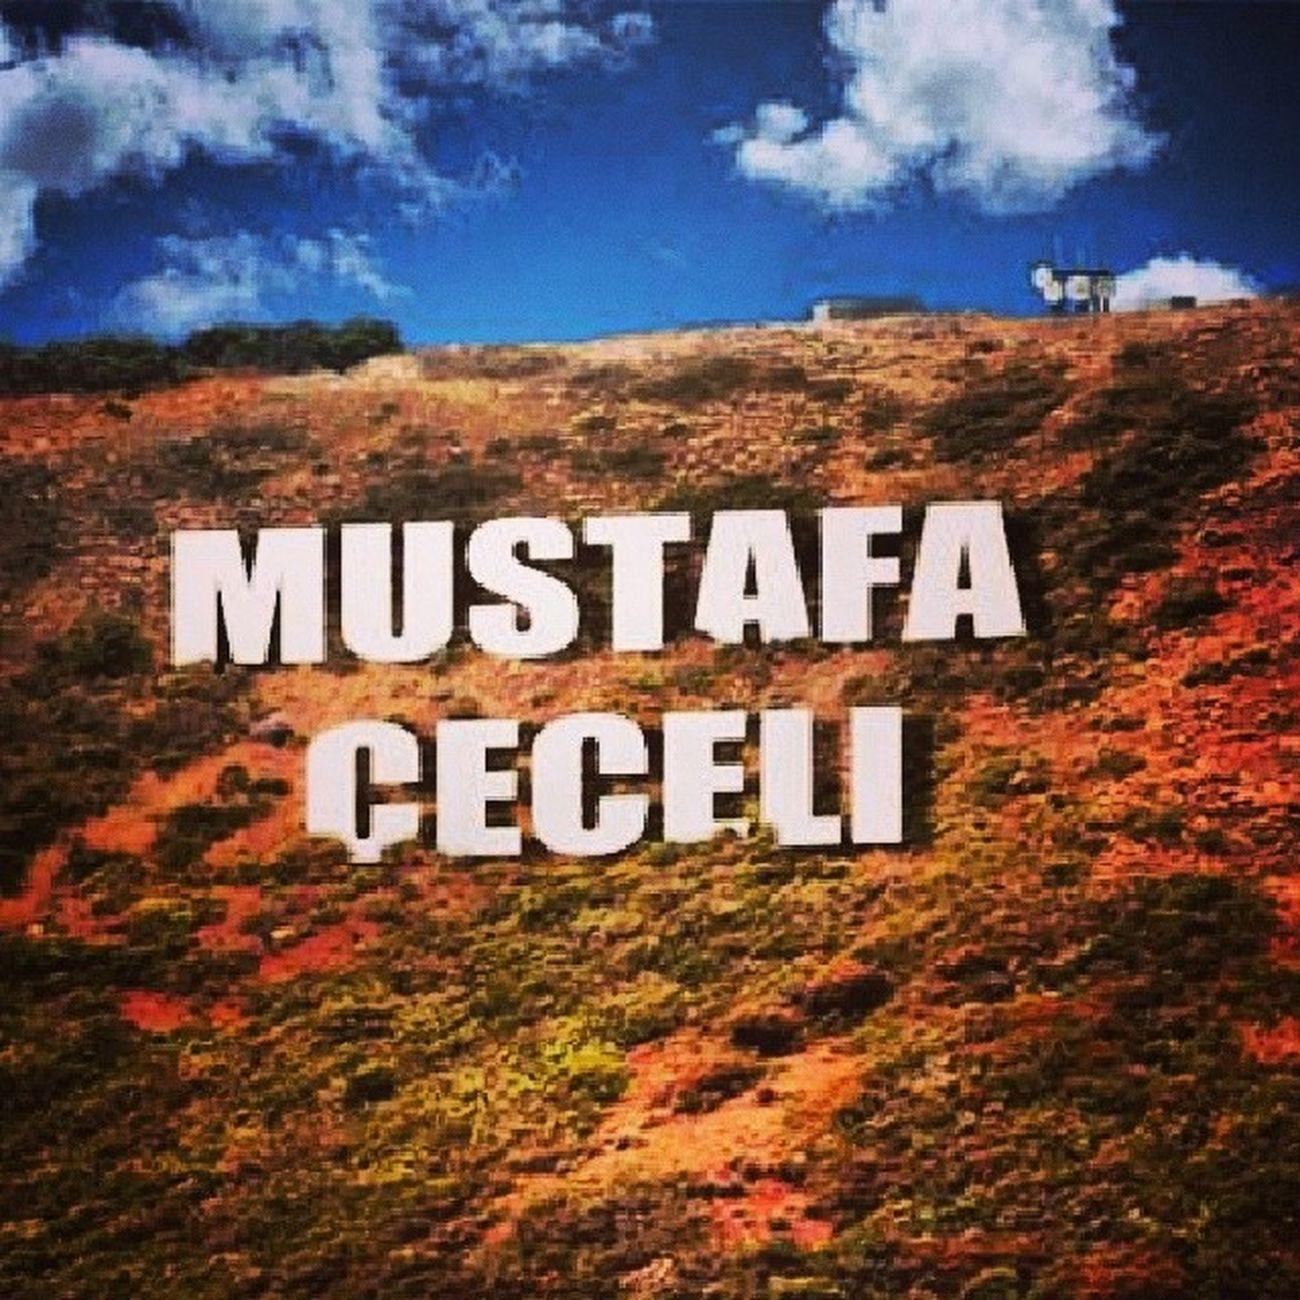 Adinidaglarayazdimcecelim ... :)) ♥ @mustafaceceli